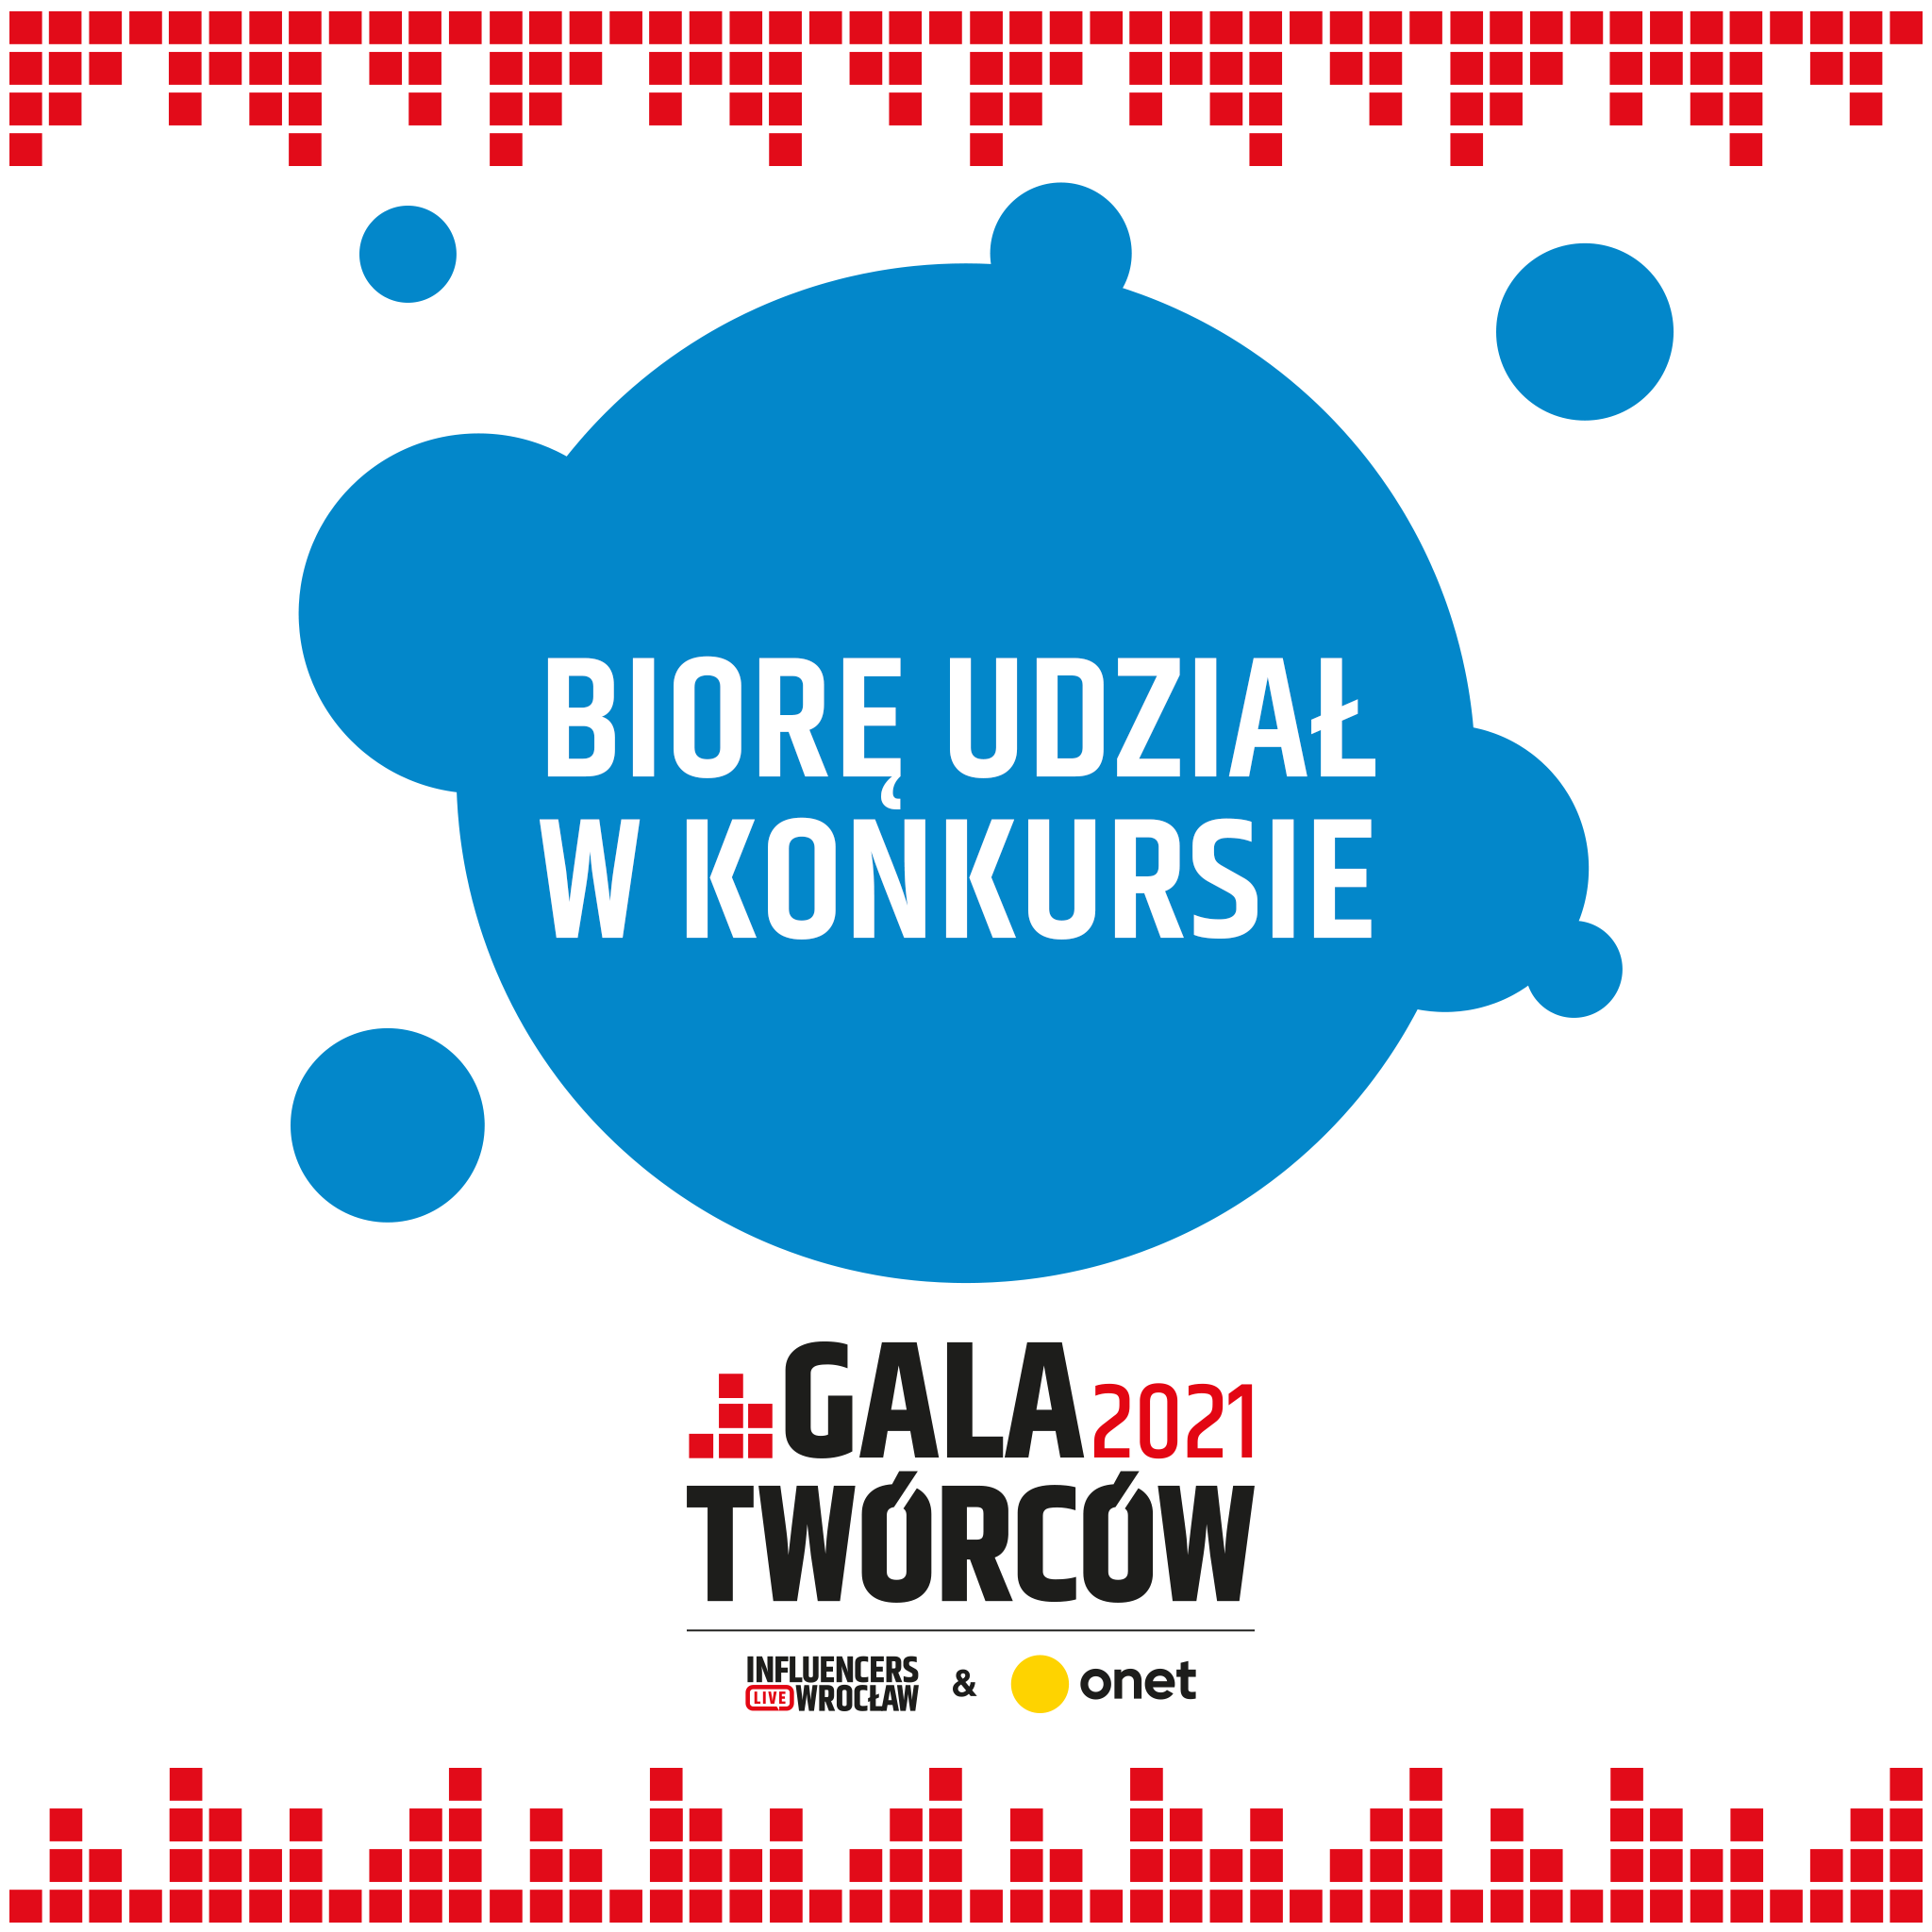 Gala twórców Influencers live Wrocław 2021 biorę udział w konkursie